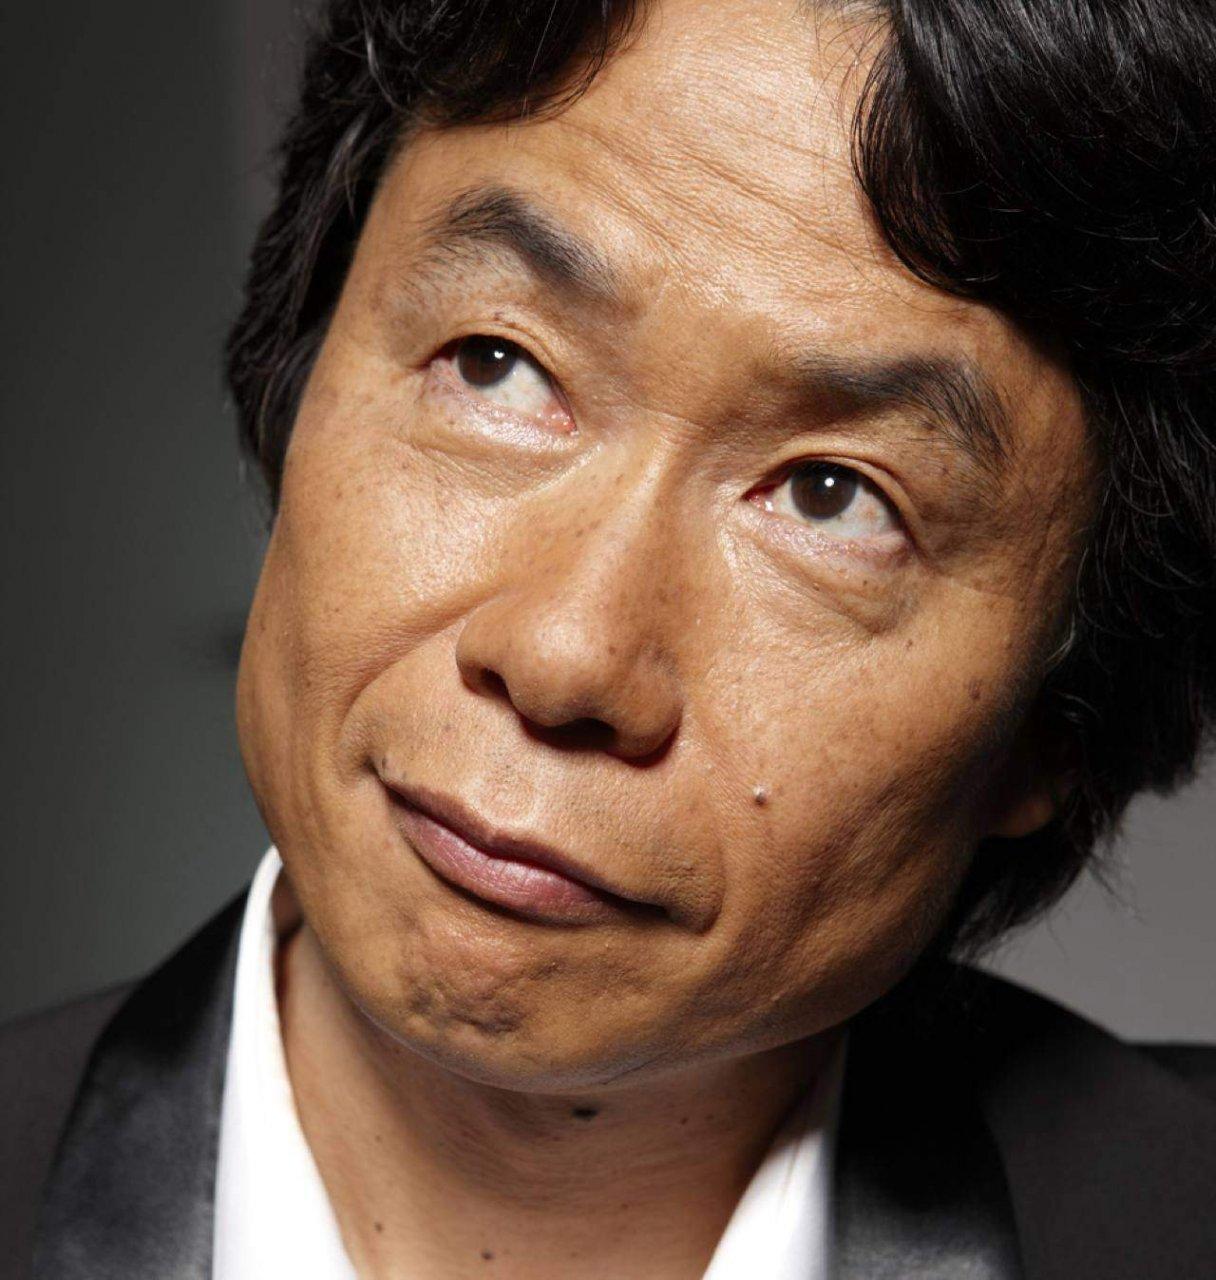 Shigeru Miyamoto Backgrounds, Compatible - PC, Mobile, Gadgets| 1216x1280 px